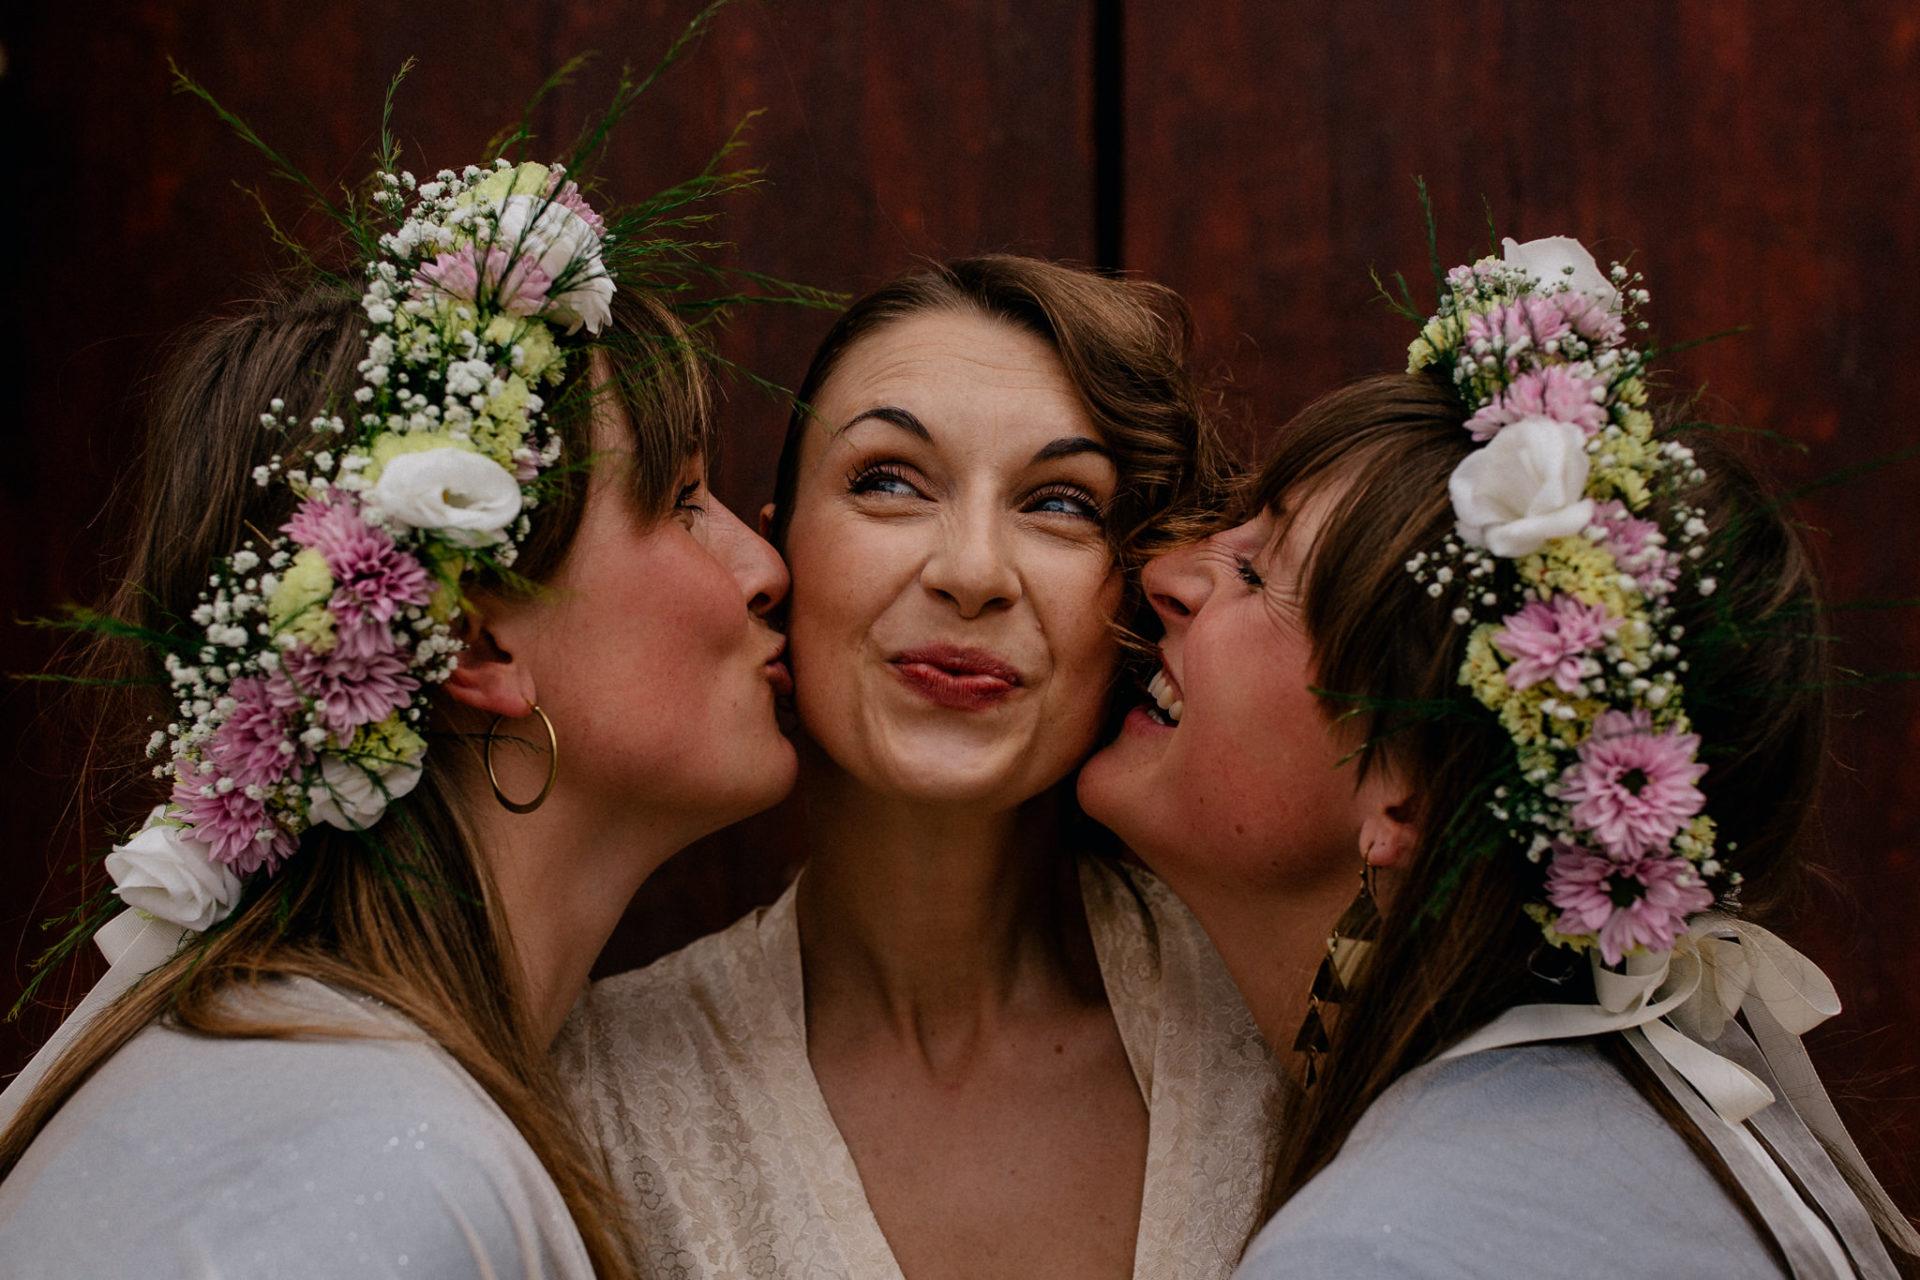 Hochzeitsfotograf Amalfi Küste-heiraten Italien-Portrait braut Brautjungfern